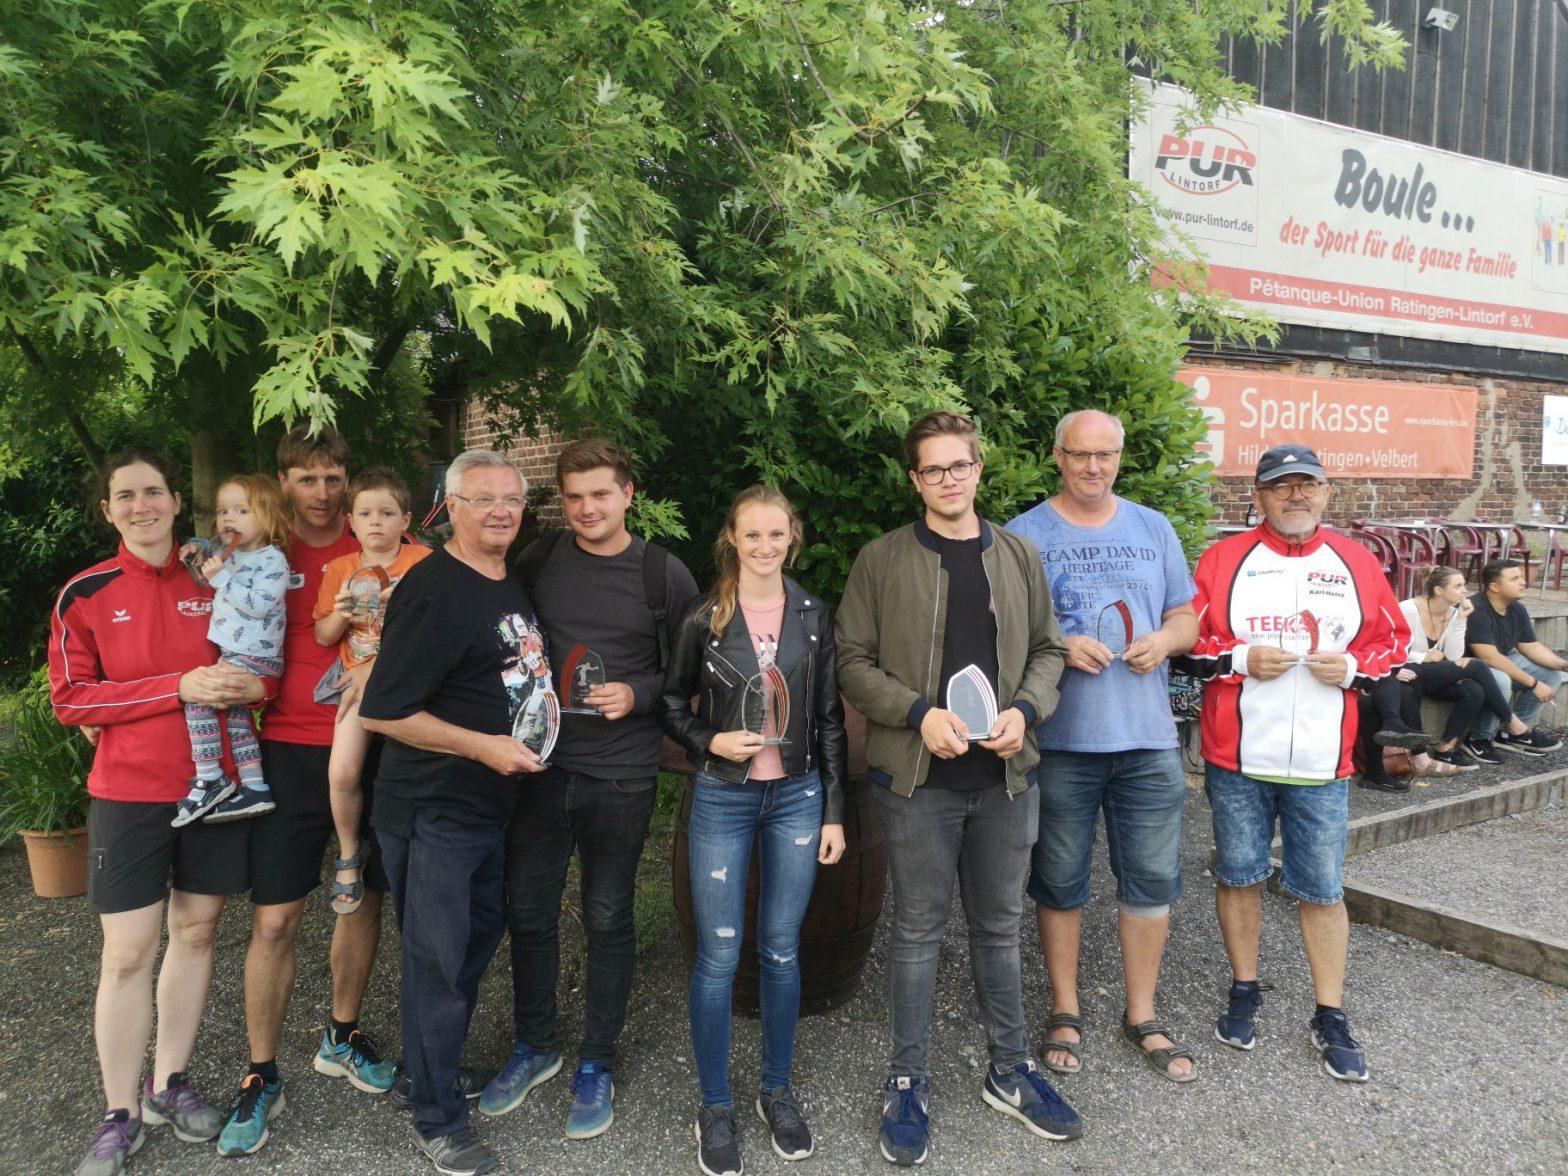 v.li.: Ana Casado und Daniel Casado, 3. Platz; Rudi Geiger und Moritz Rosik, 2. Platz Julia Reimers und Niklas Flocken 1. Platz und Stadtmeister; Bernd Reimers und Karl-Heinz Menge, 3. Platz